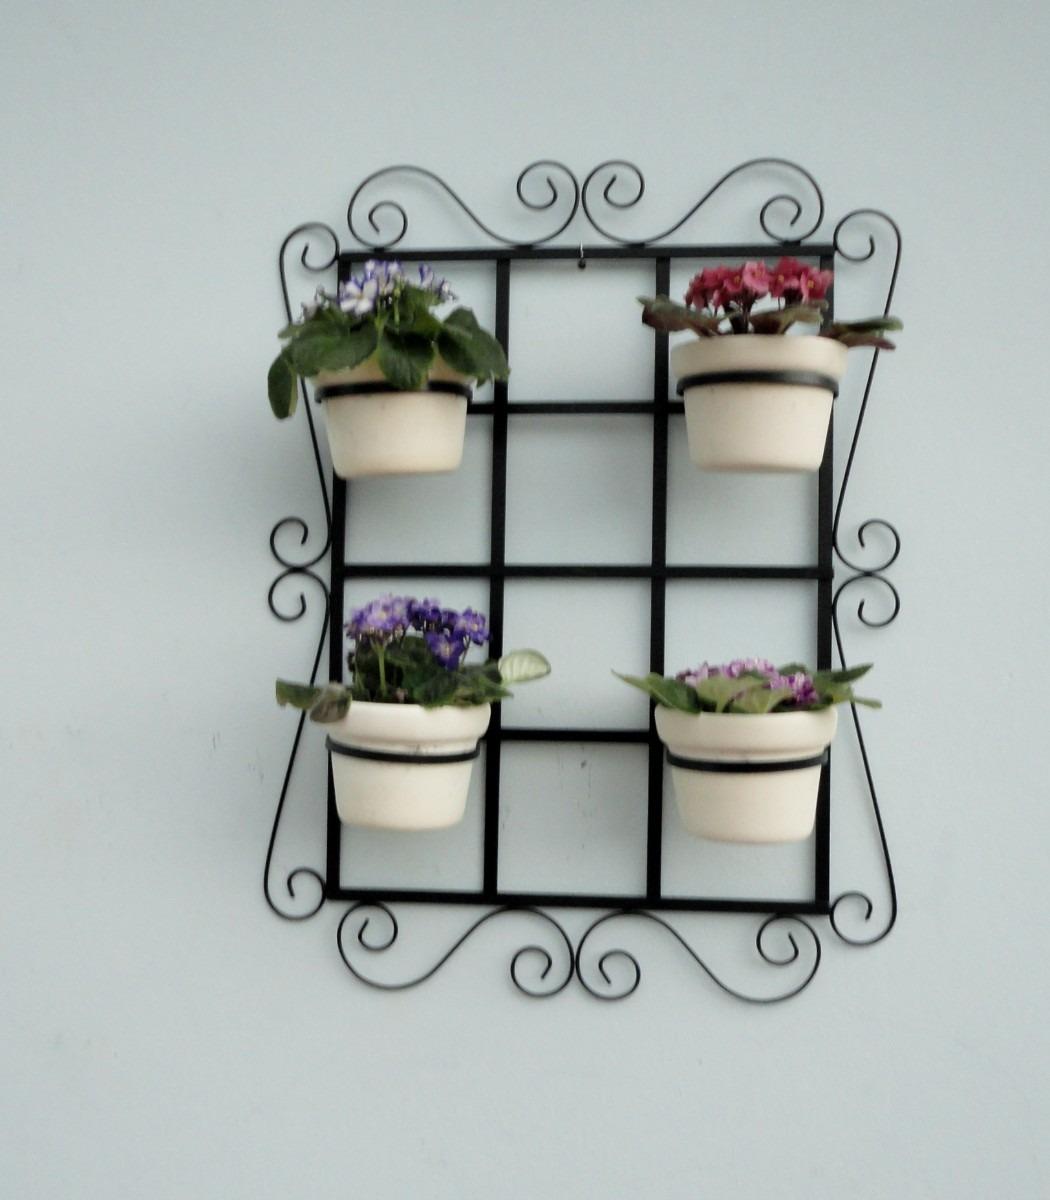 trelica jardim vertical:treliça de jardim vertical com suporte para vaso